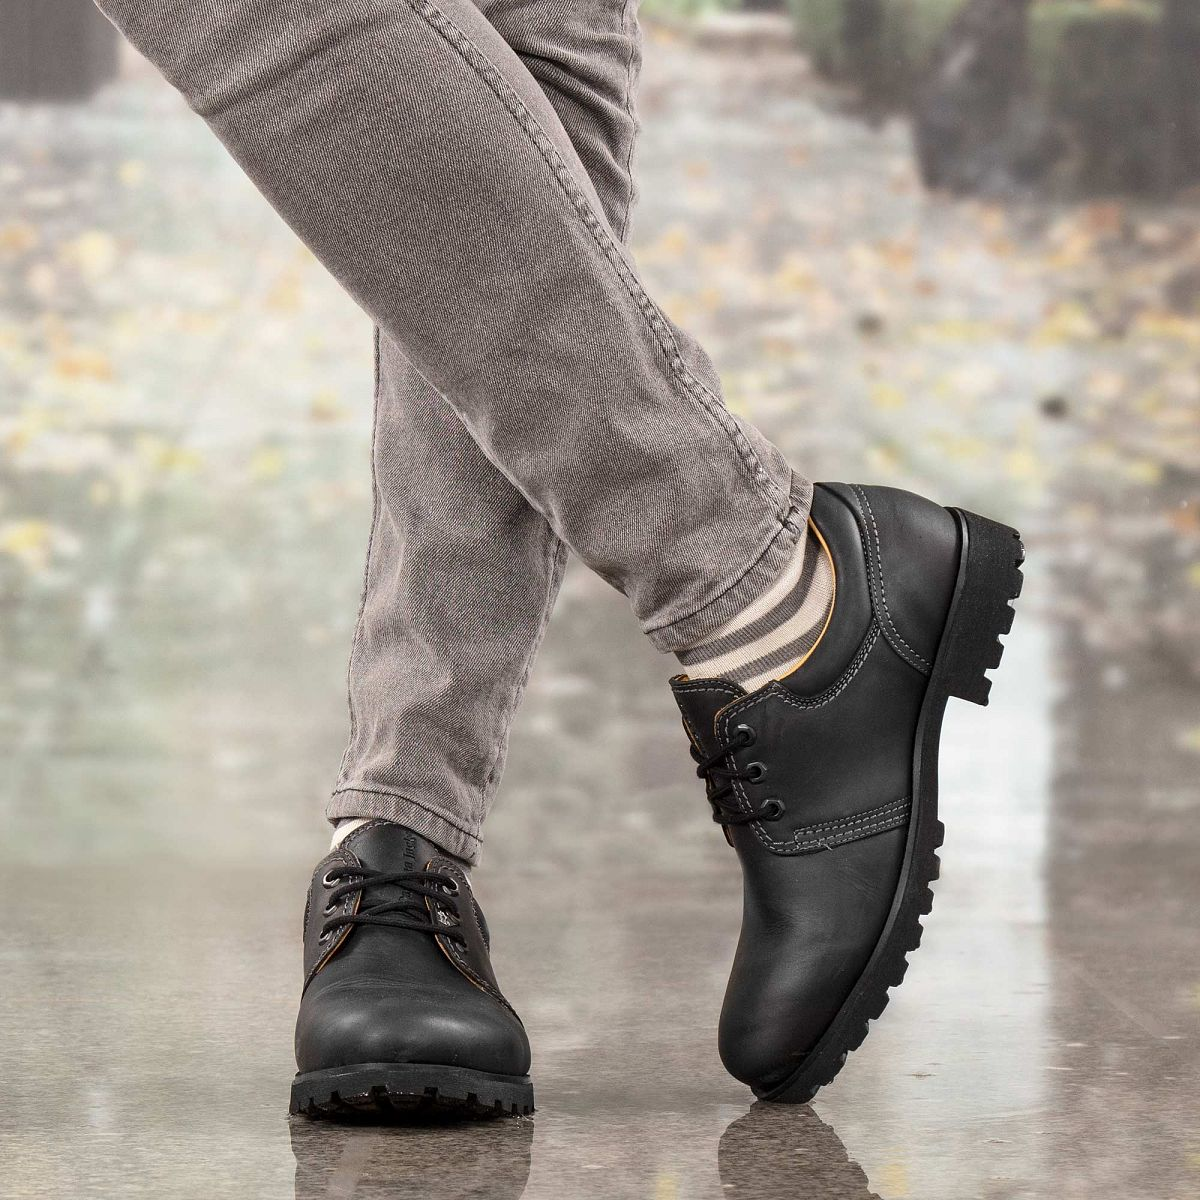 Zapato de piel negro con forro de piel 14c284d0514c9